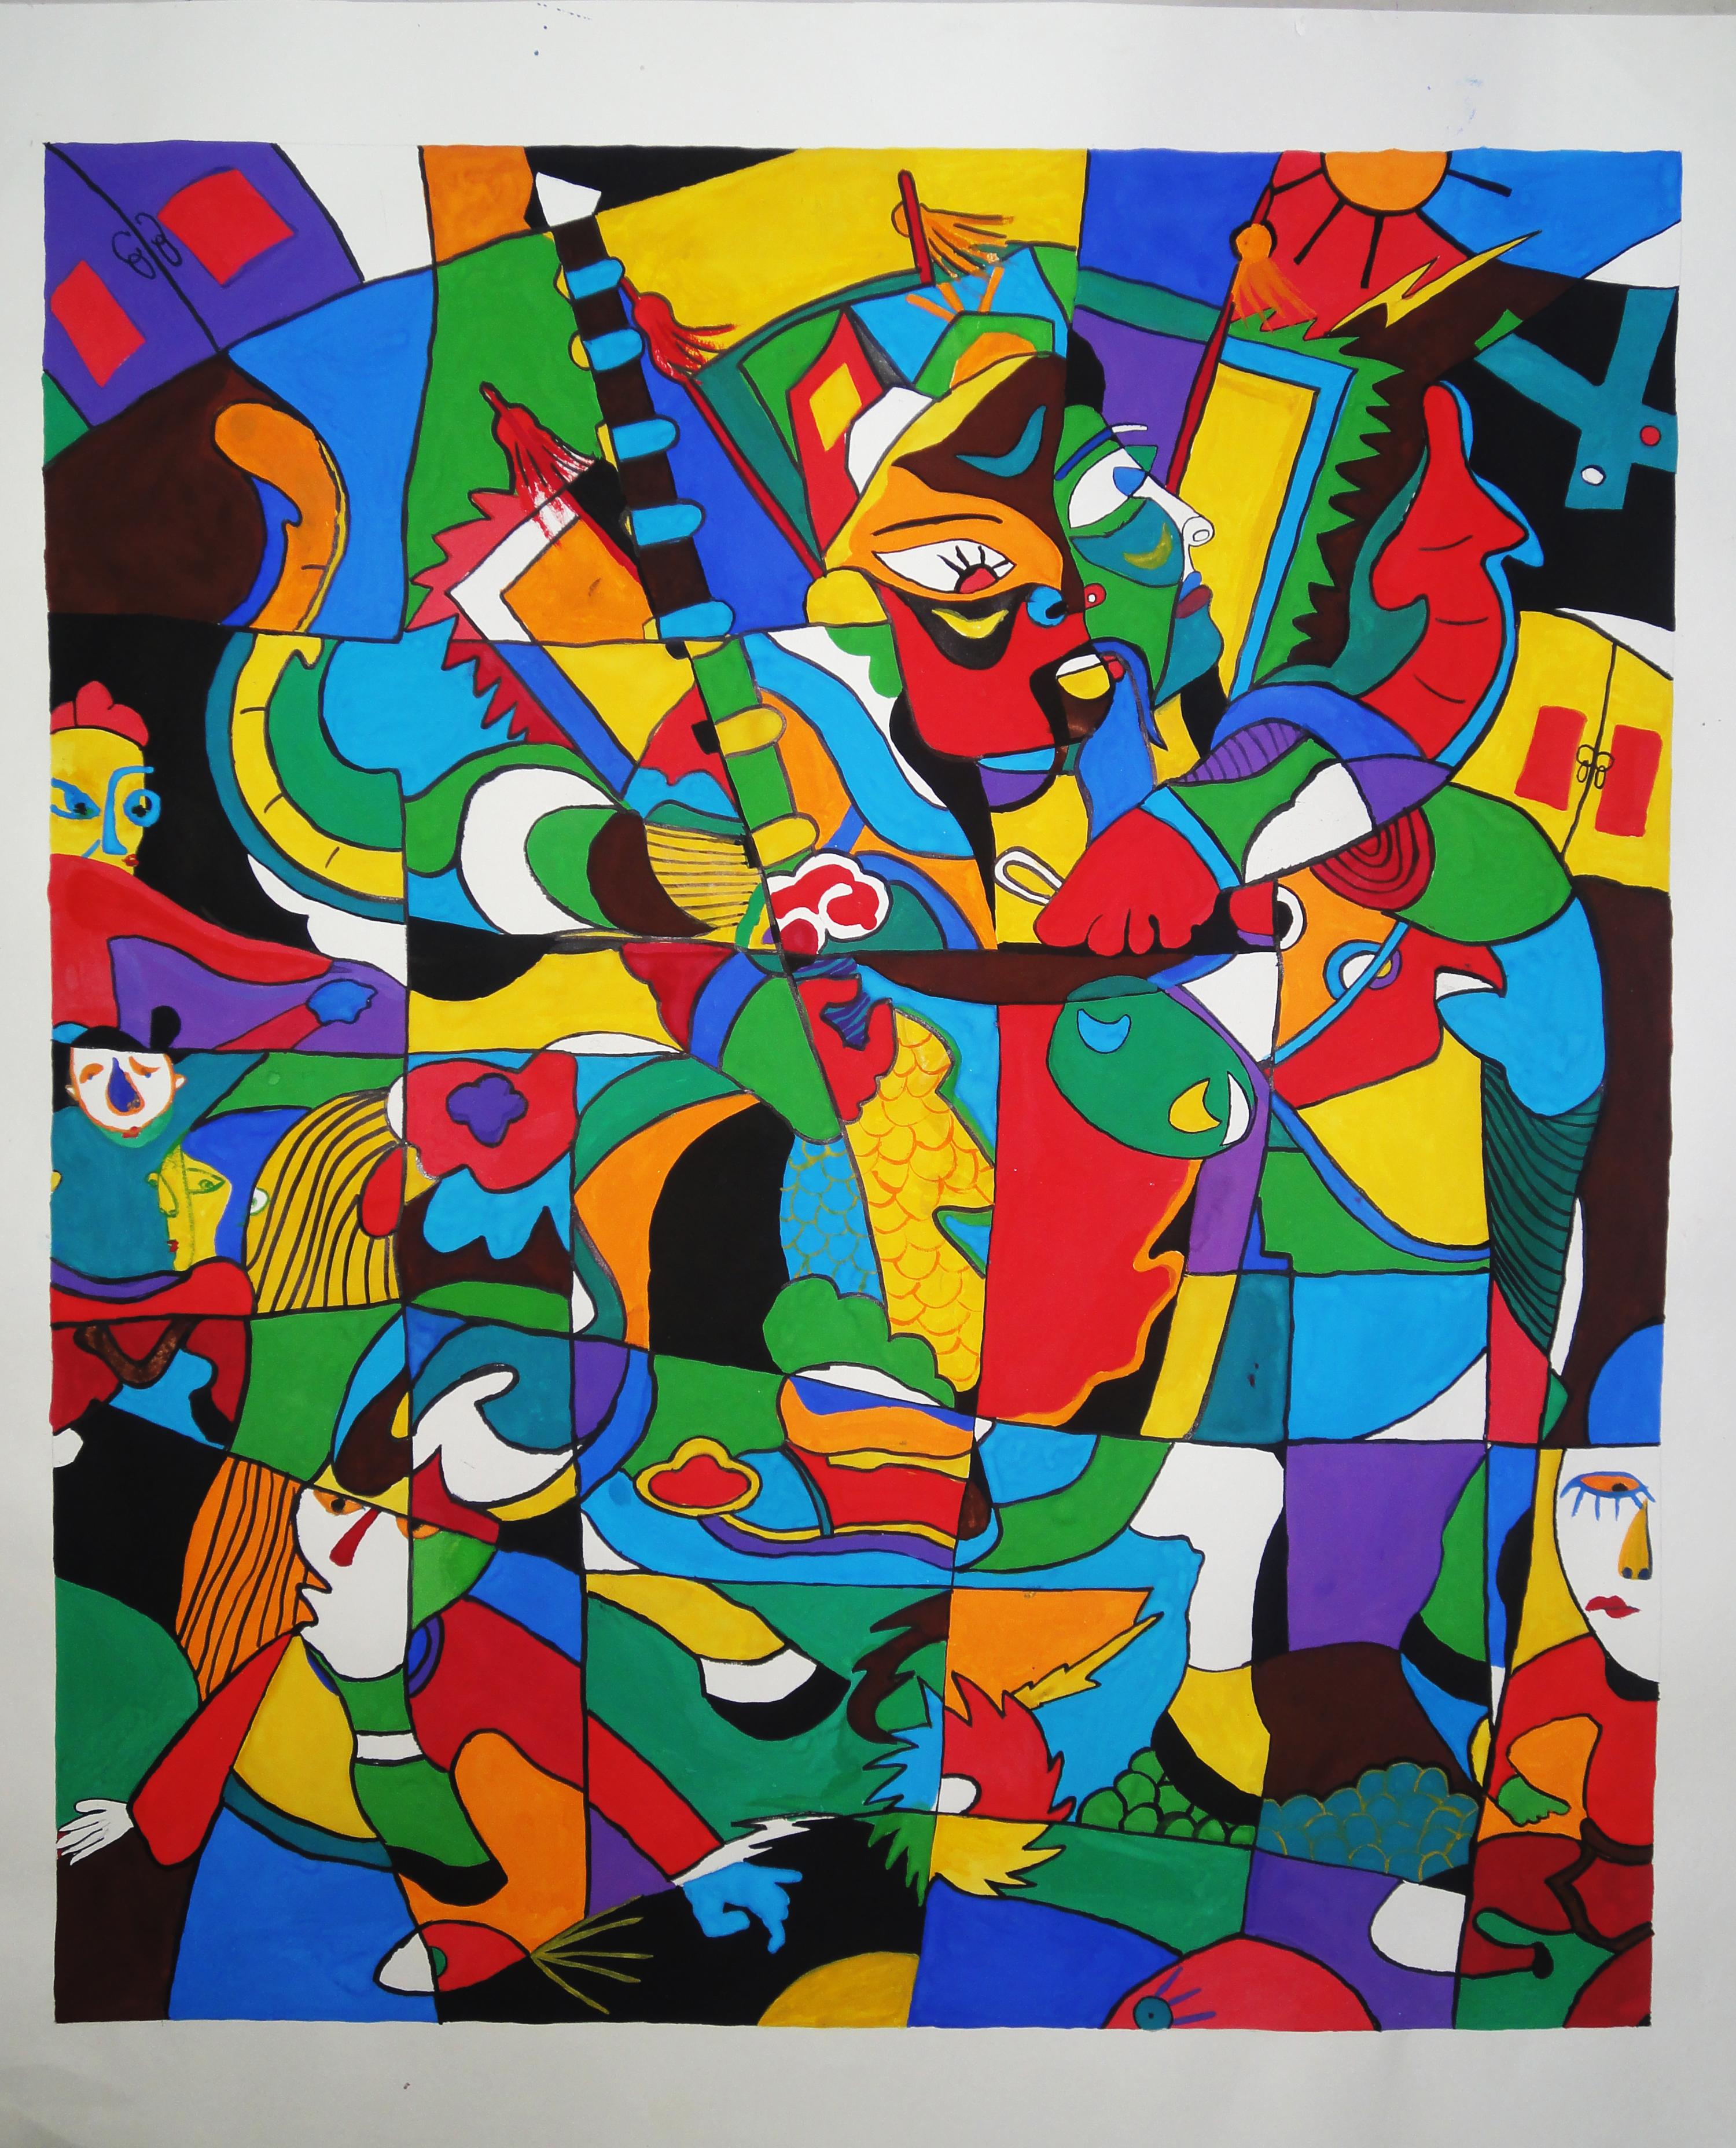 羊  色彩 装饰画 水粉画 工艺 手绘 精品  设计 文化艺术 绘画书法 72